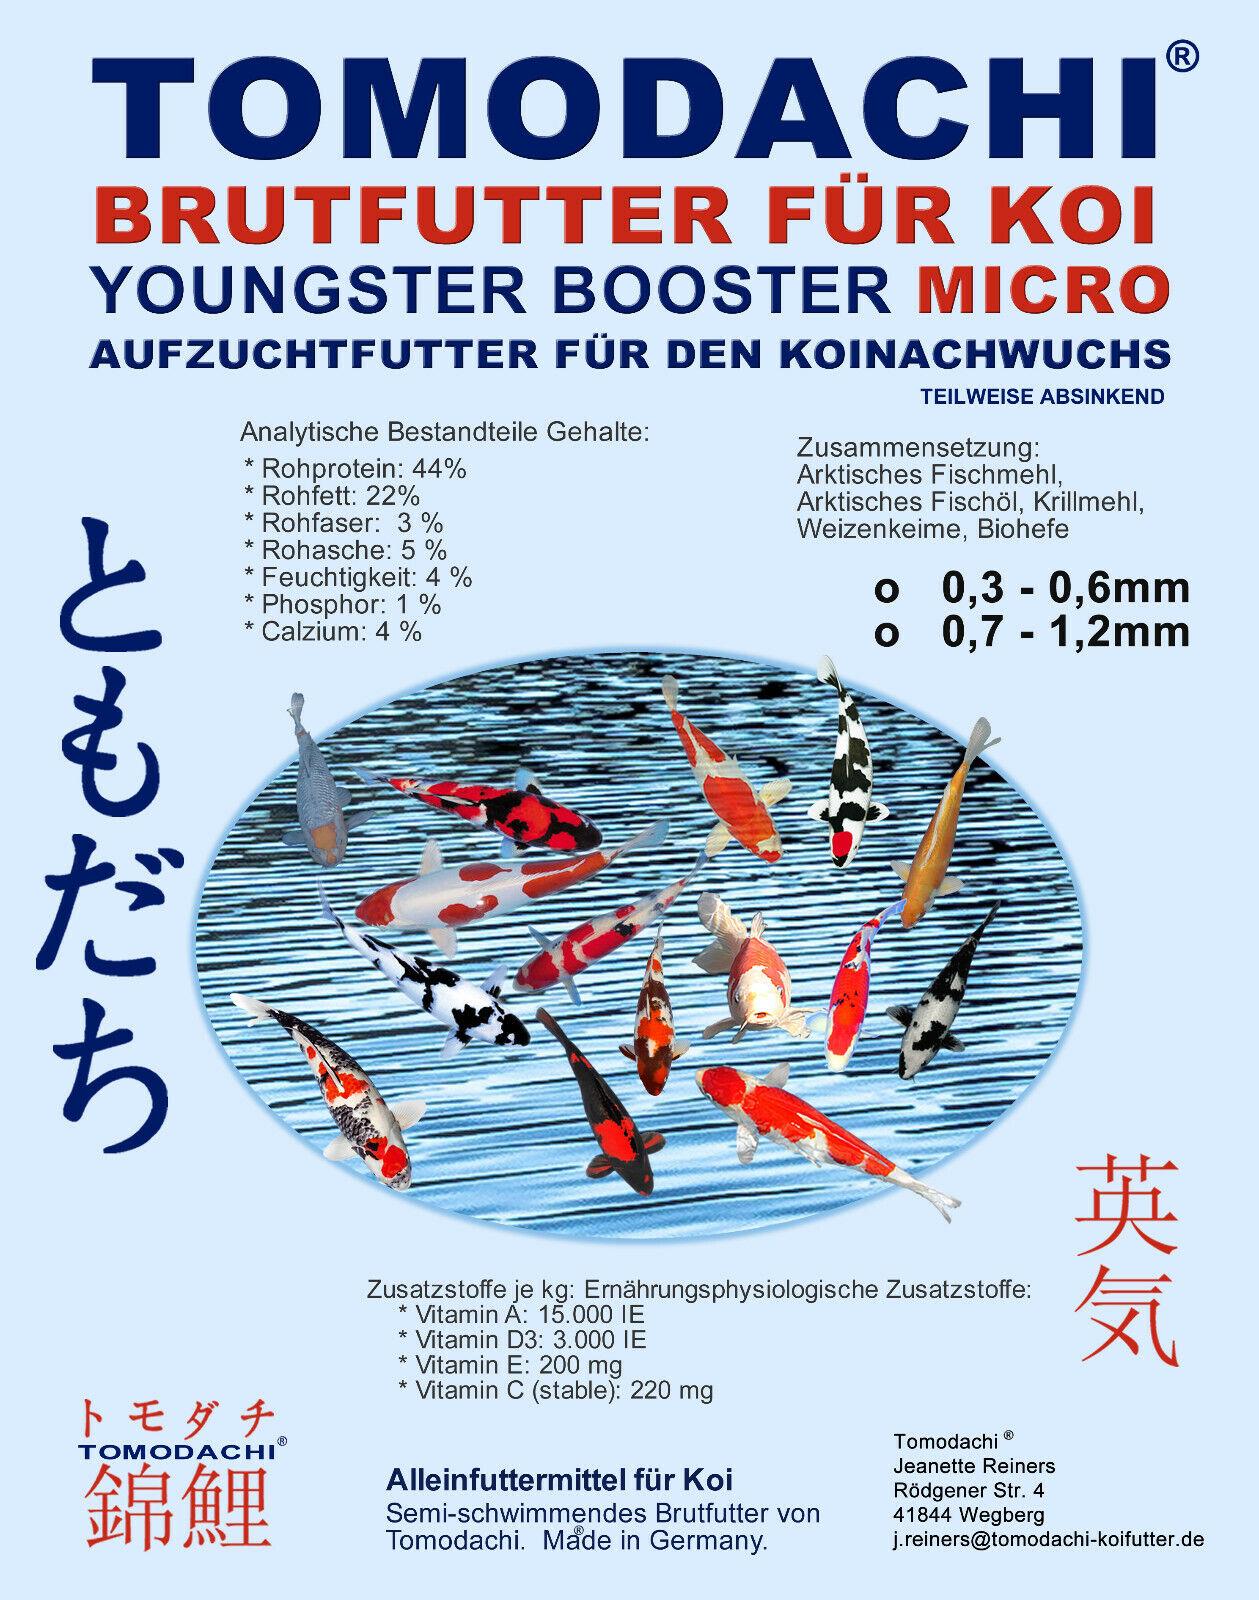 BRUT mangimi koifutter, ALLEVAMENTO MANGIME koibrut, Starter MANGIME Koi 0,3 - 0,6mm 15kg